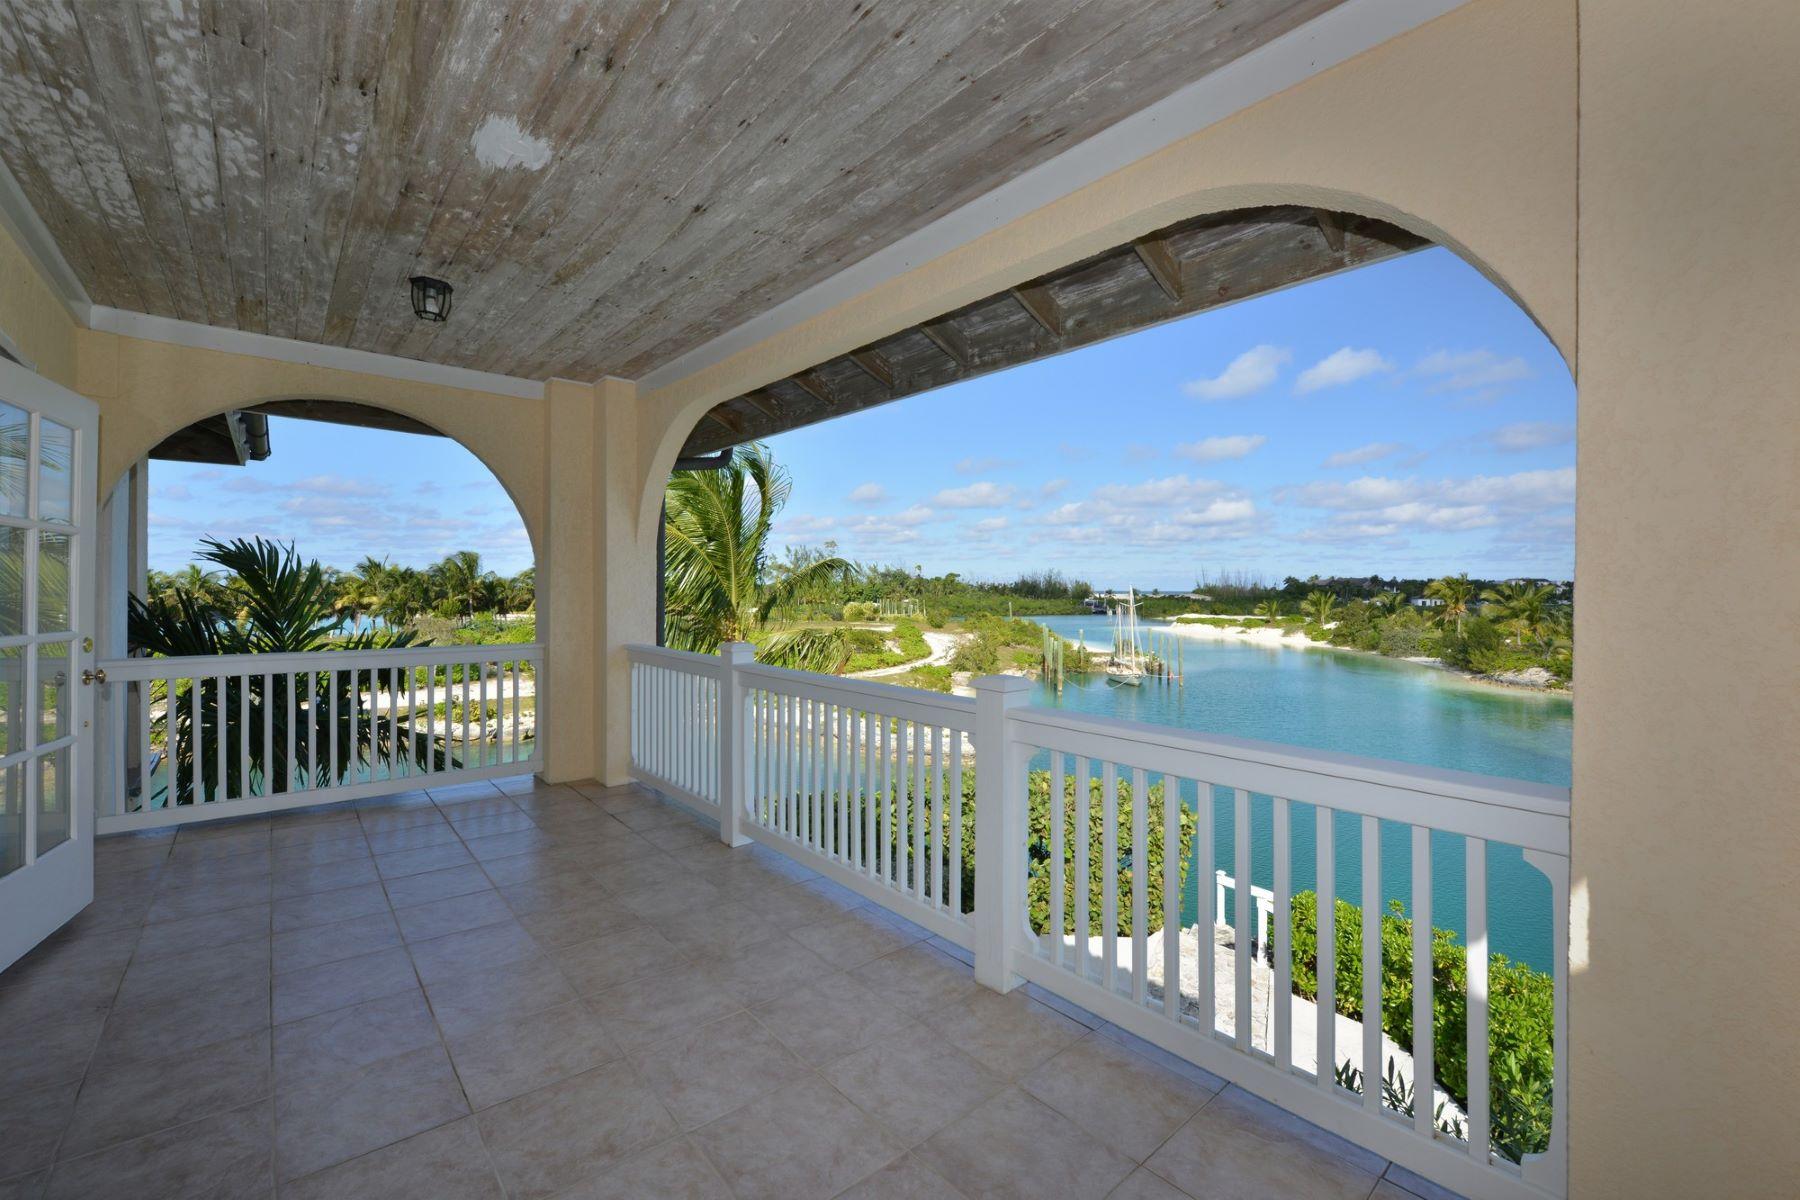 Einfamilienhaus für Verkauf beim 2 Arbor Island Islands At Old Fort Bay, Old Fort Bay, New Providence/Nassau Bahamas